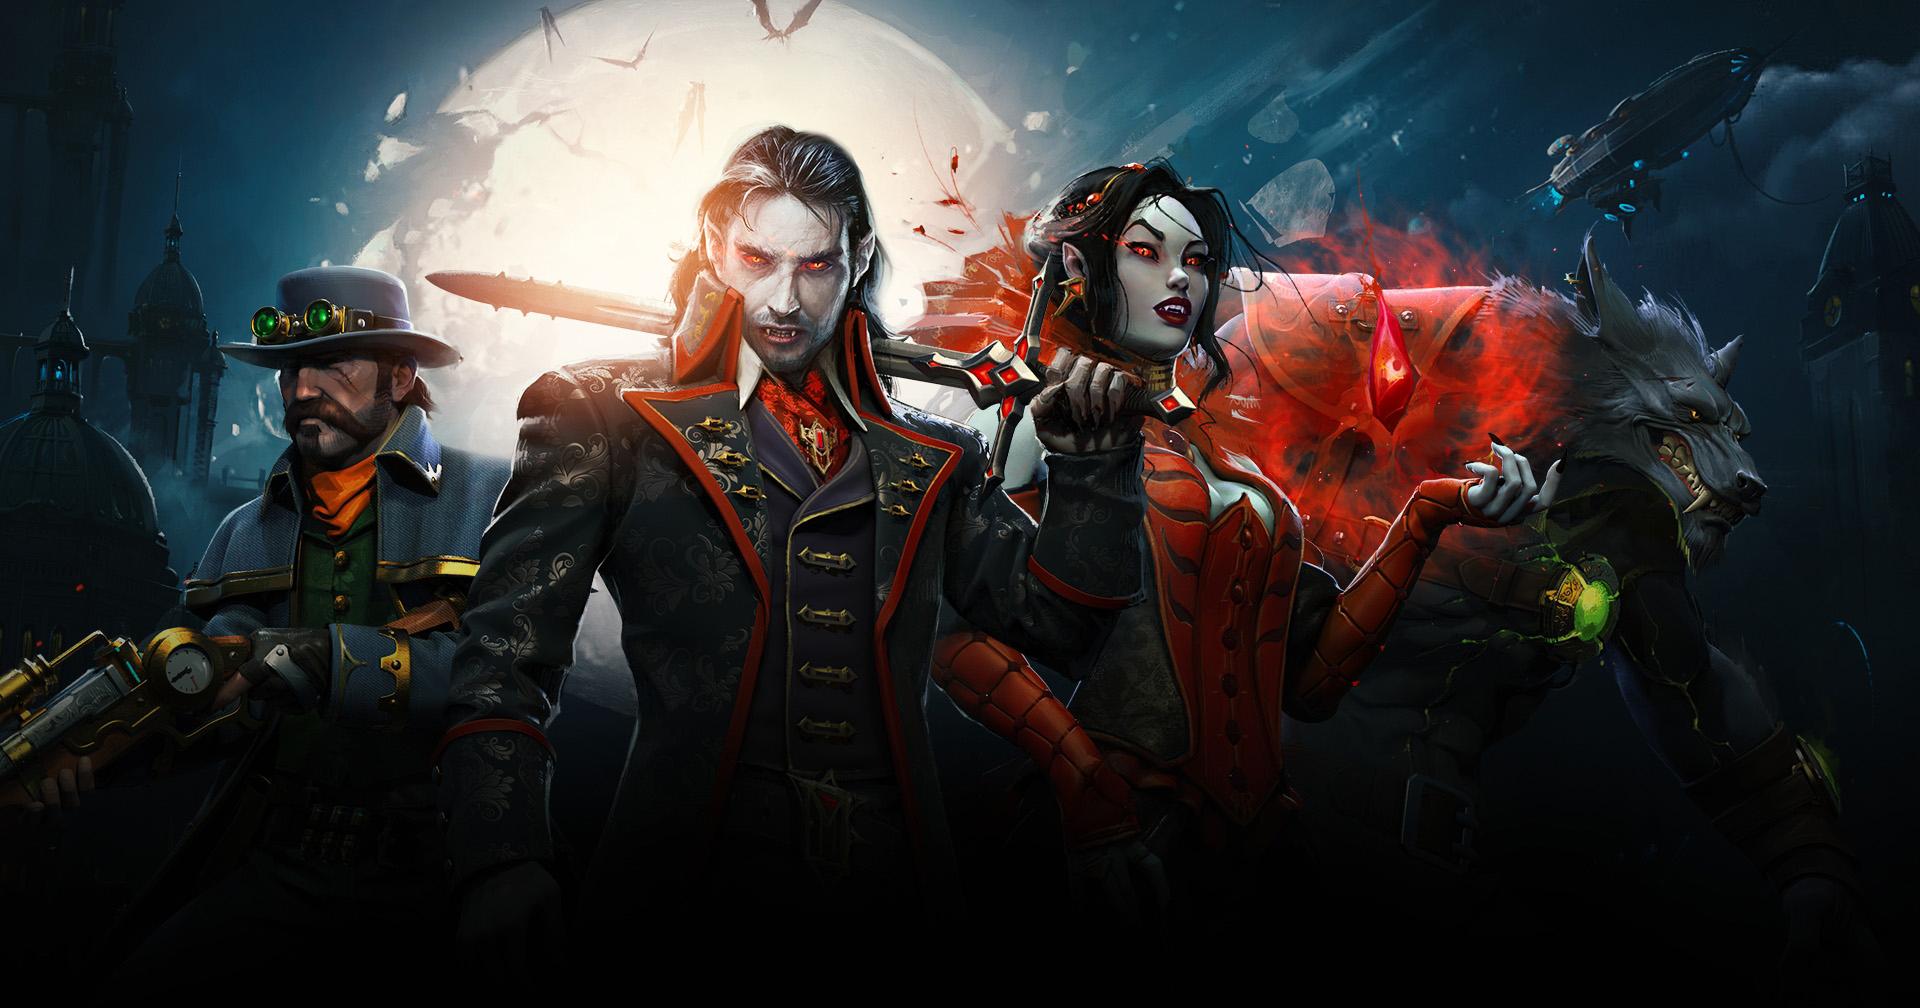 immagine promozionale di heroes of the dark